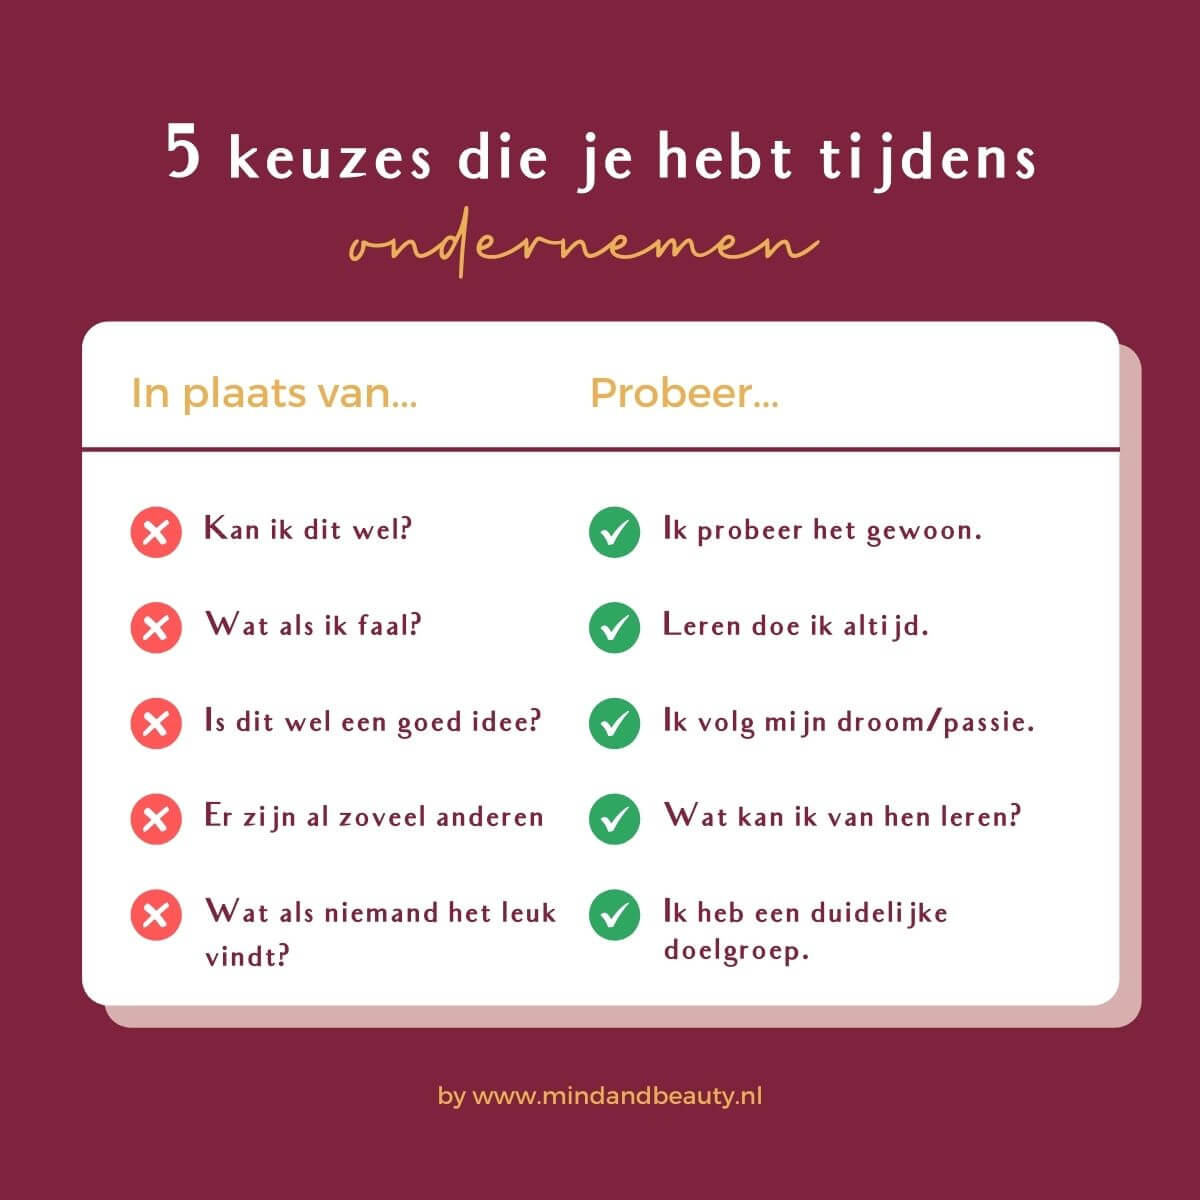 Ondernemerstips 5 keuzes die je hebt tijdens ondernemen MindandBeauty.nl